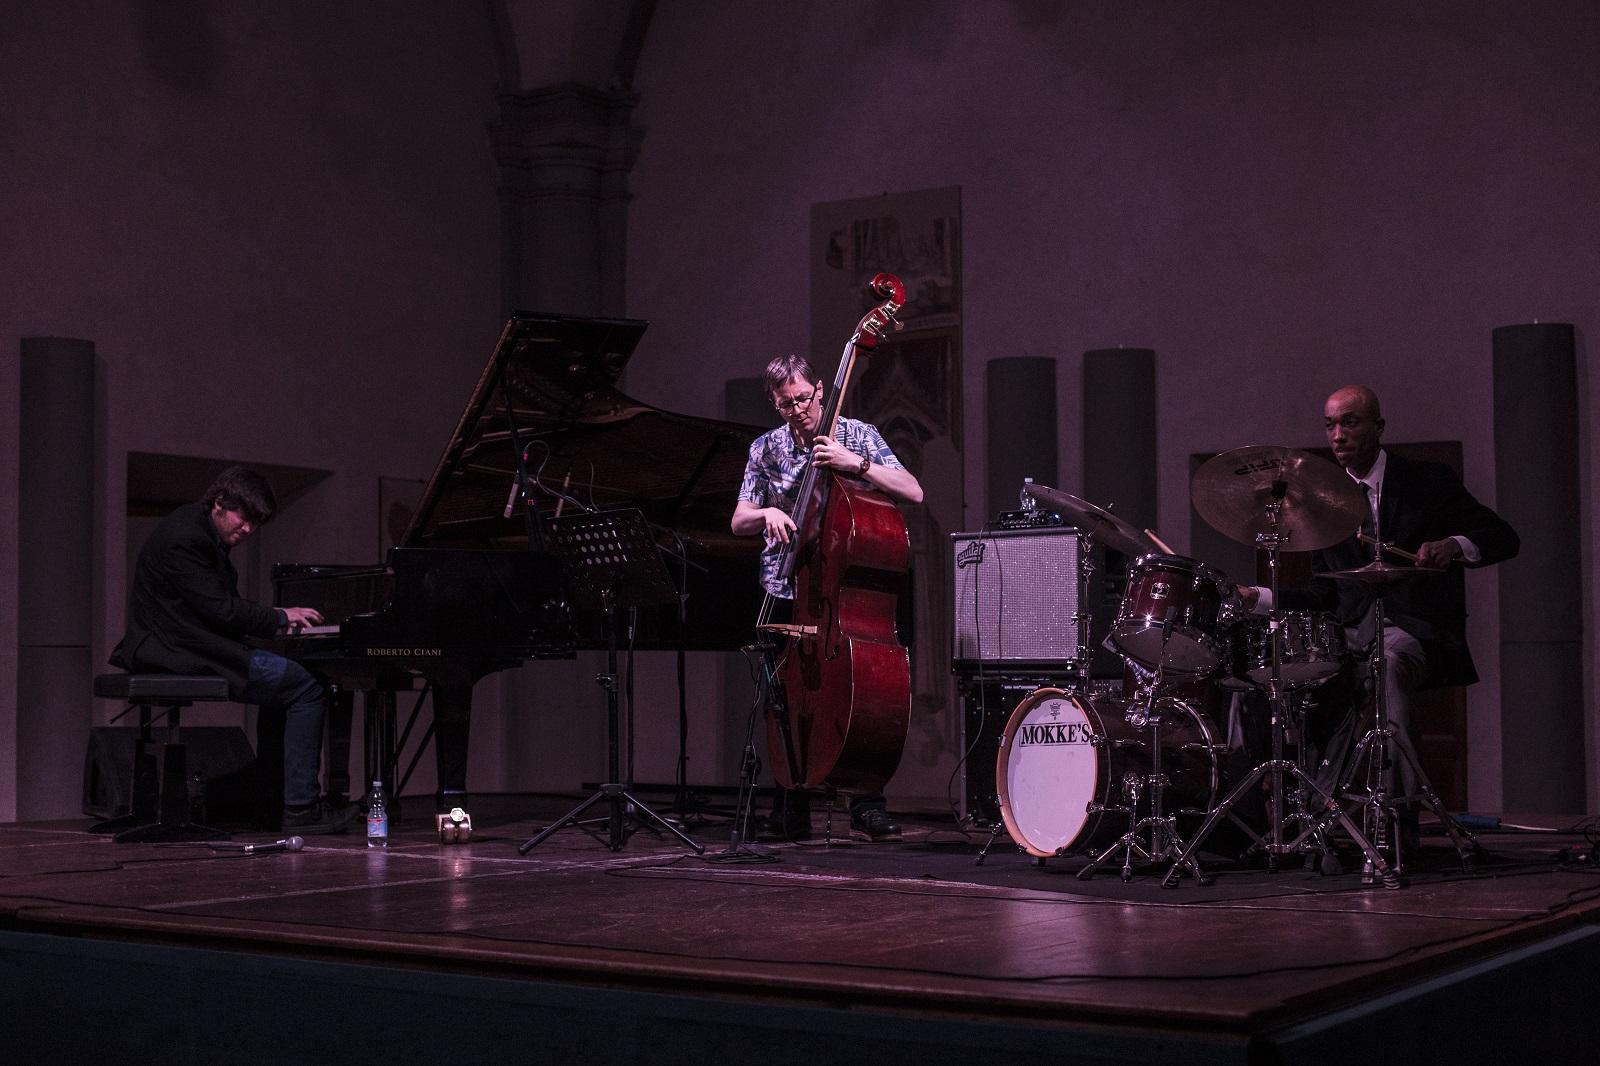 lanzoni-sito-musicus